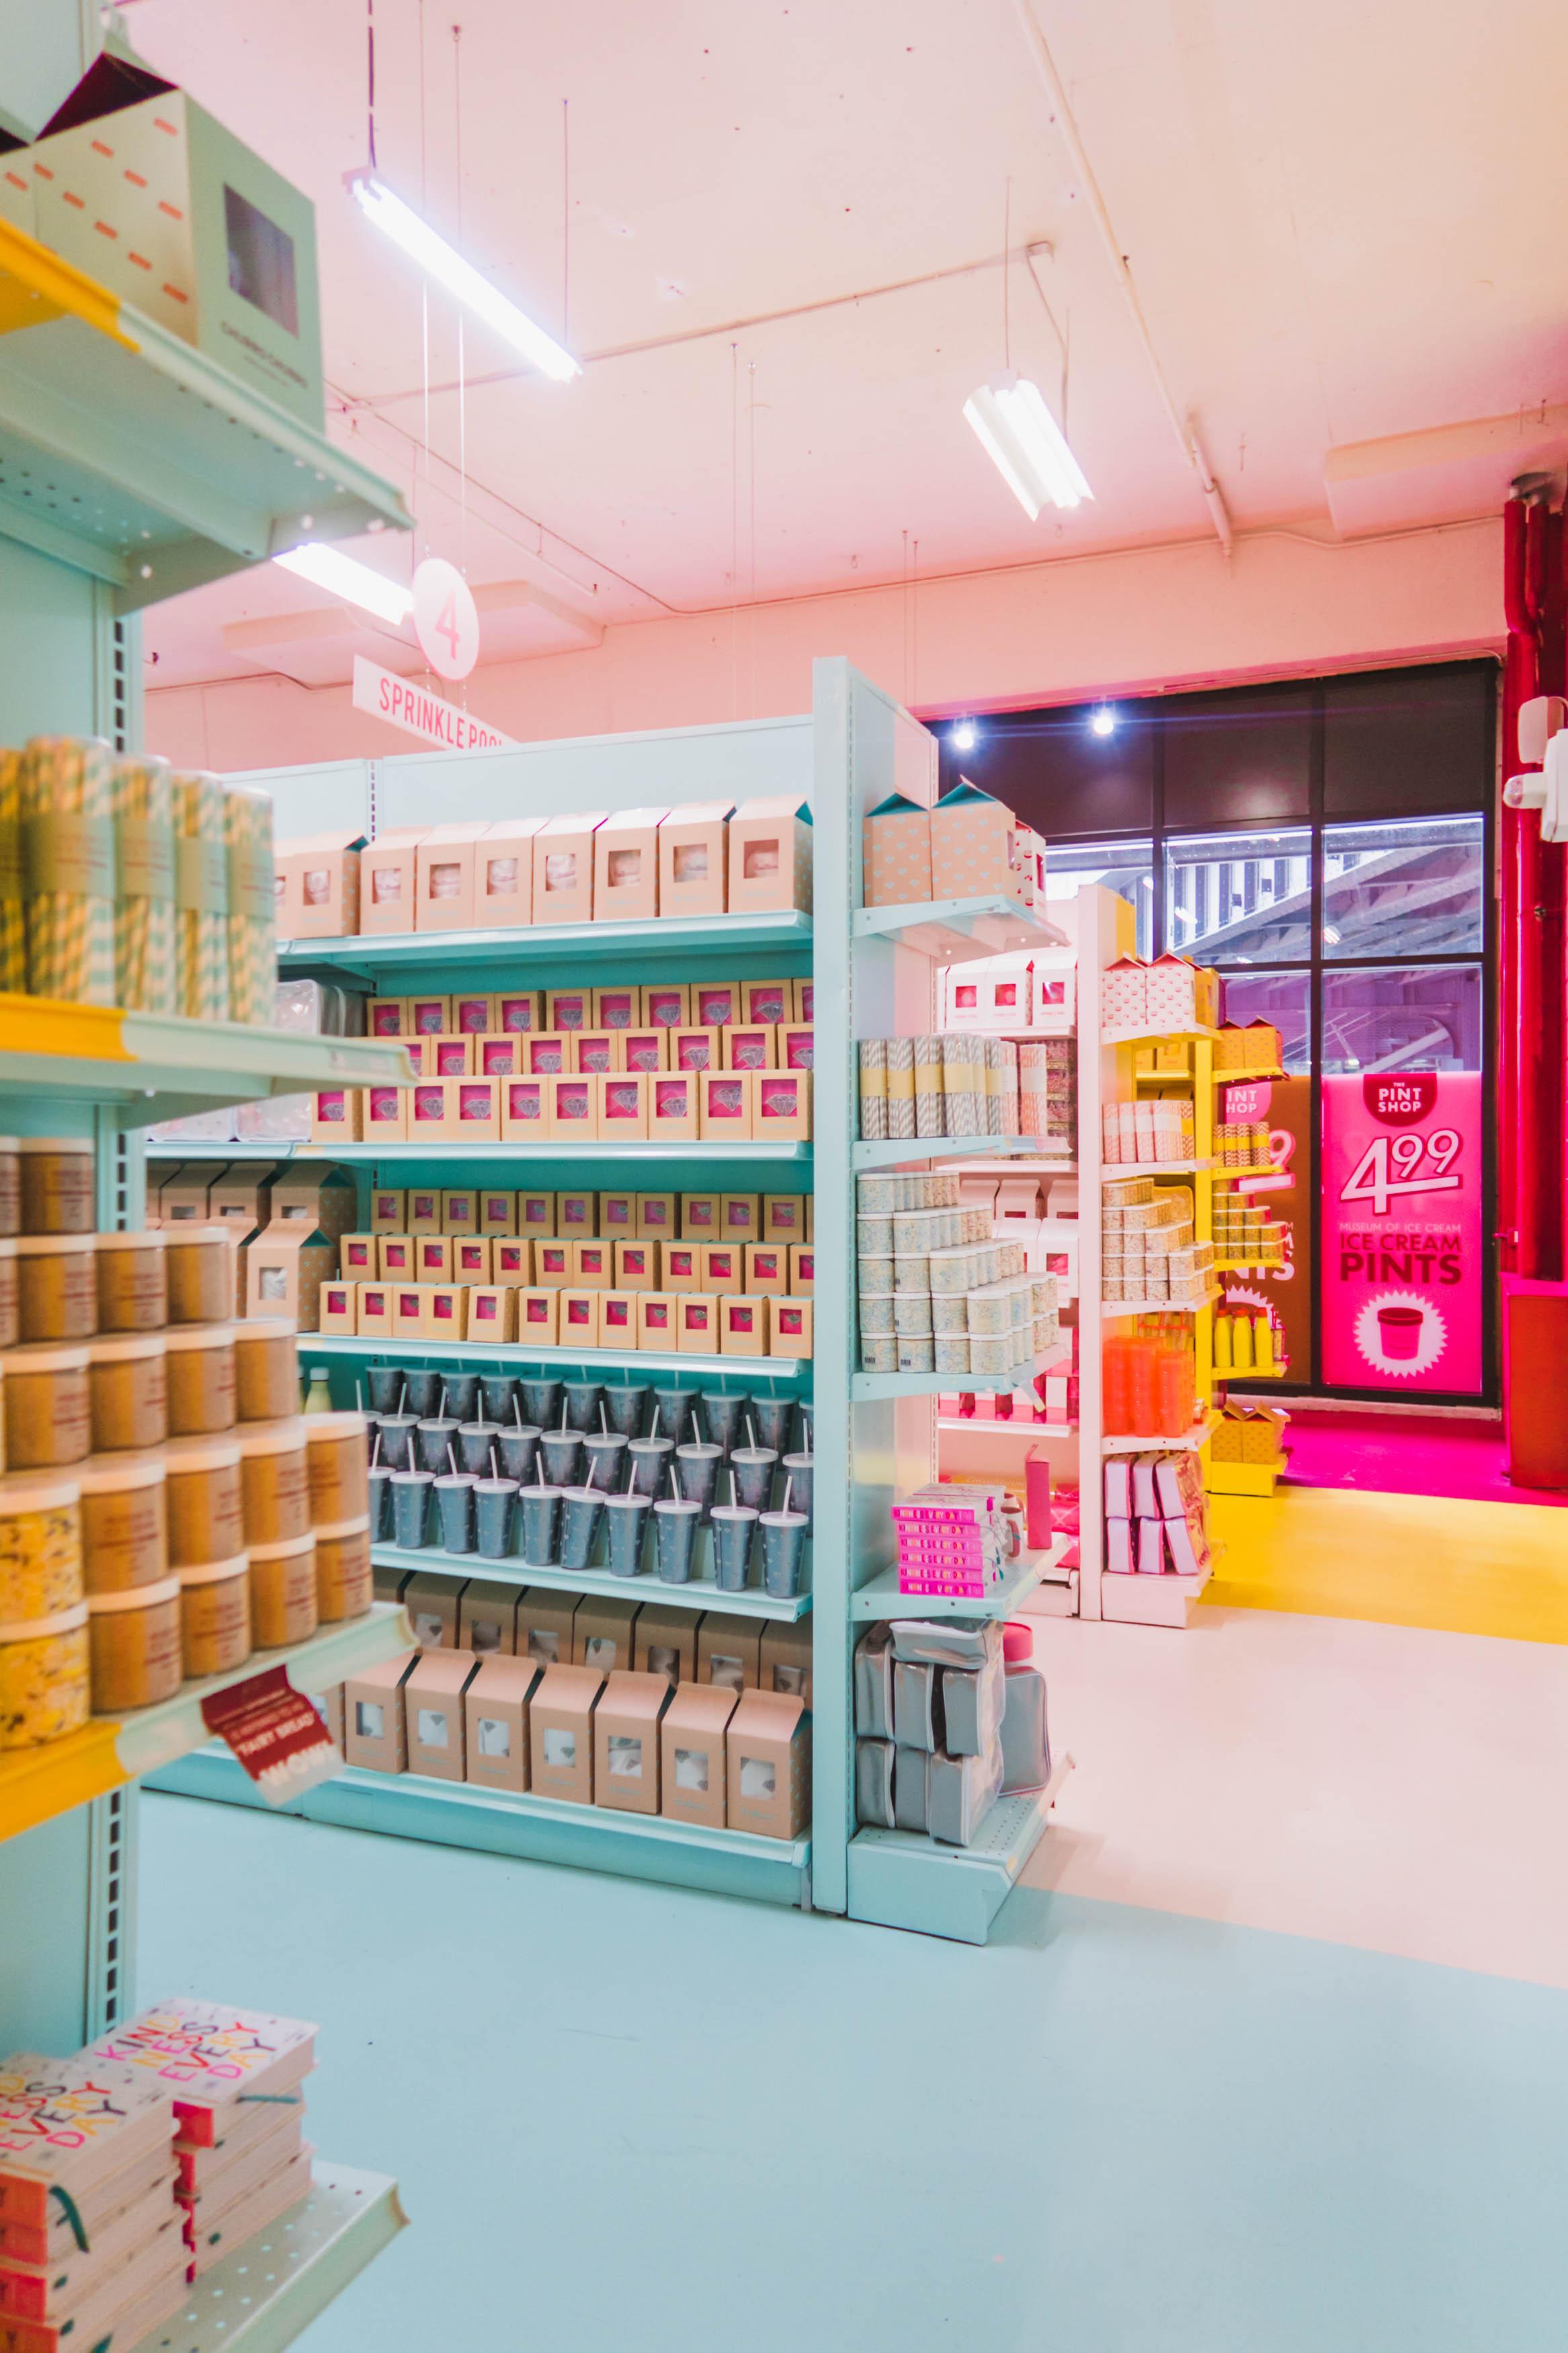 museum-ice-cream-new-york-pint-27.jpg